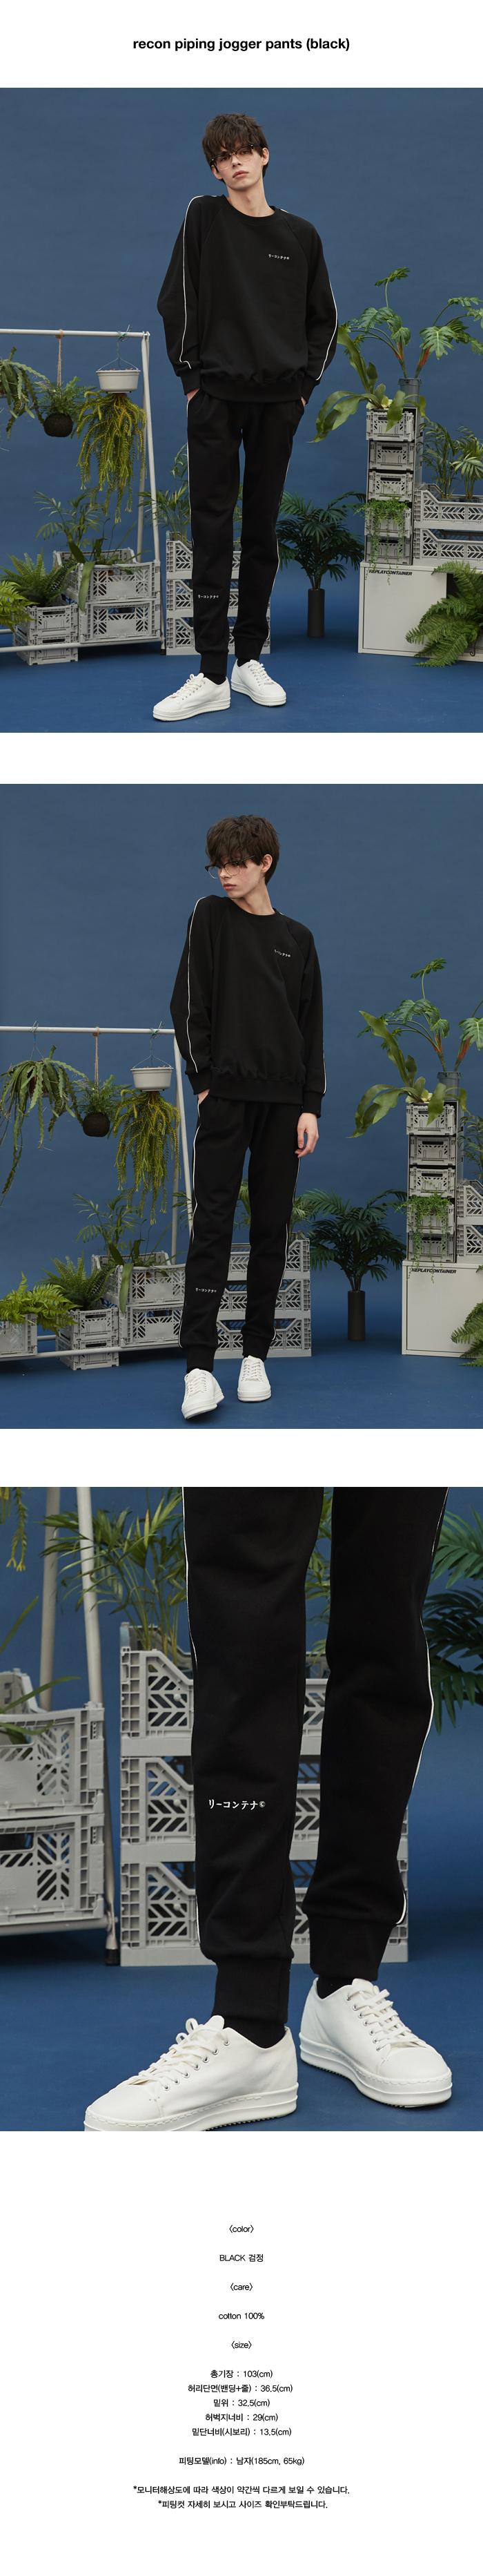 리플레이컨테이너(REPLAY CONTAINER) recon piping jogger pants (black)